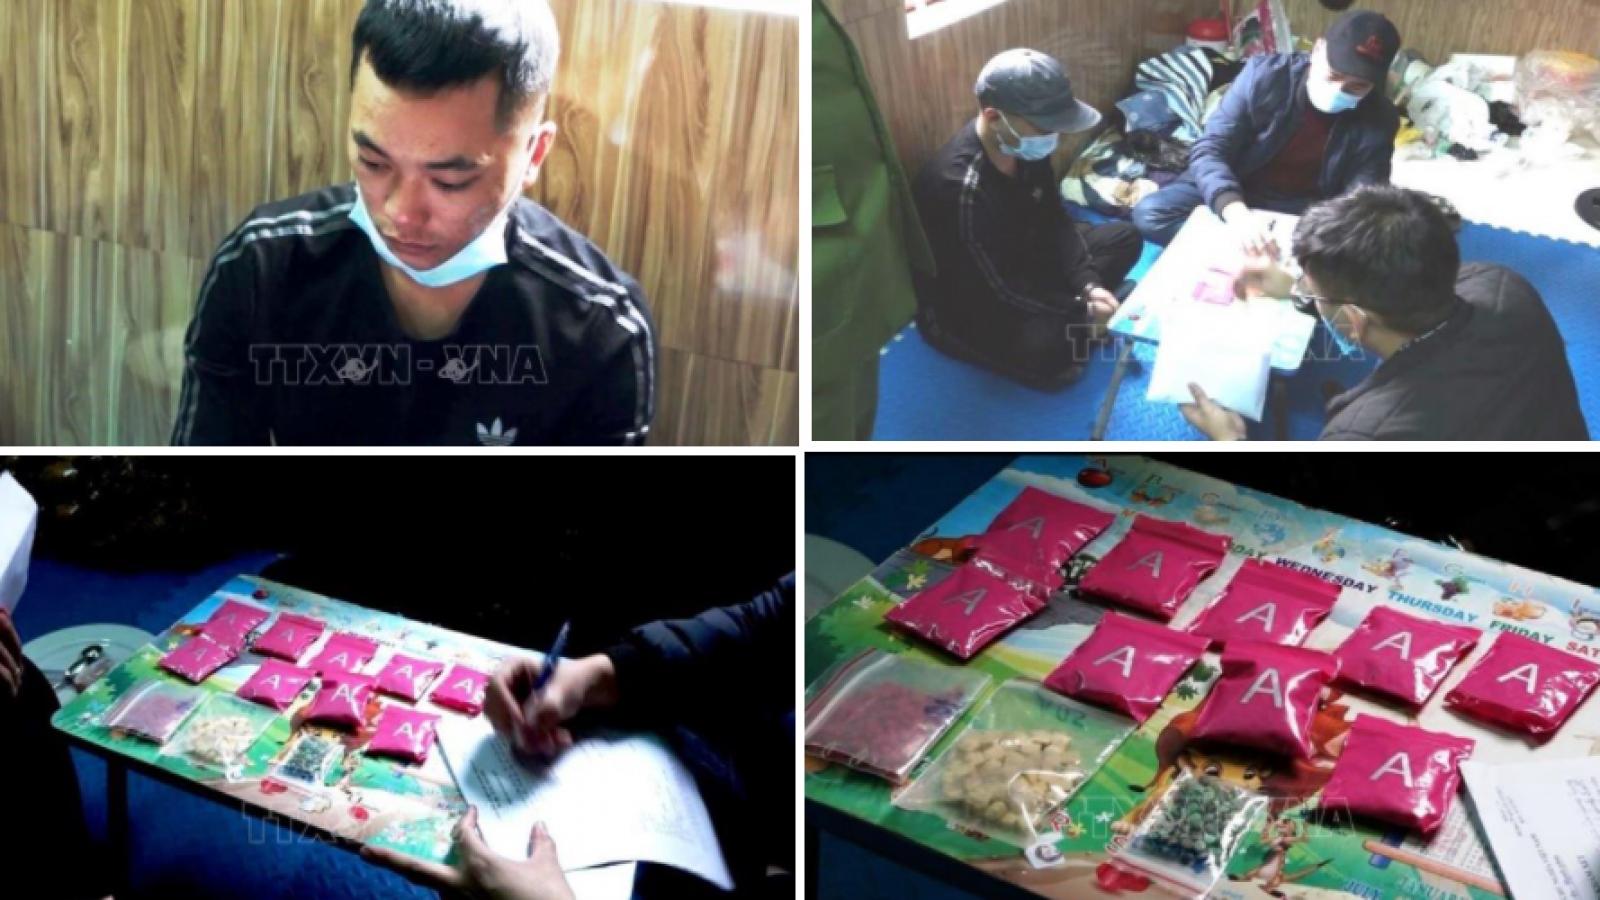 Quảng Bìnhphá chuyên án thu giữ hơn 2.400 viên ma túy tổng hợp